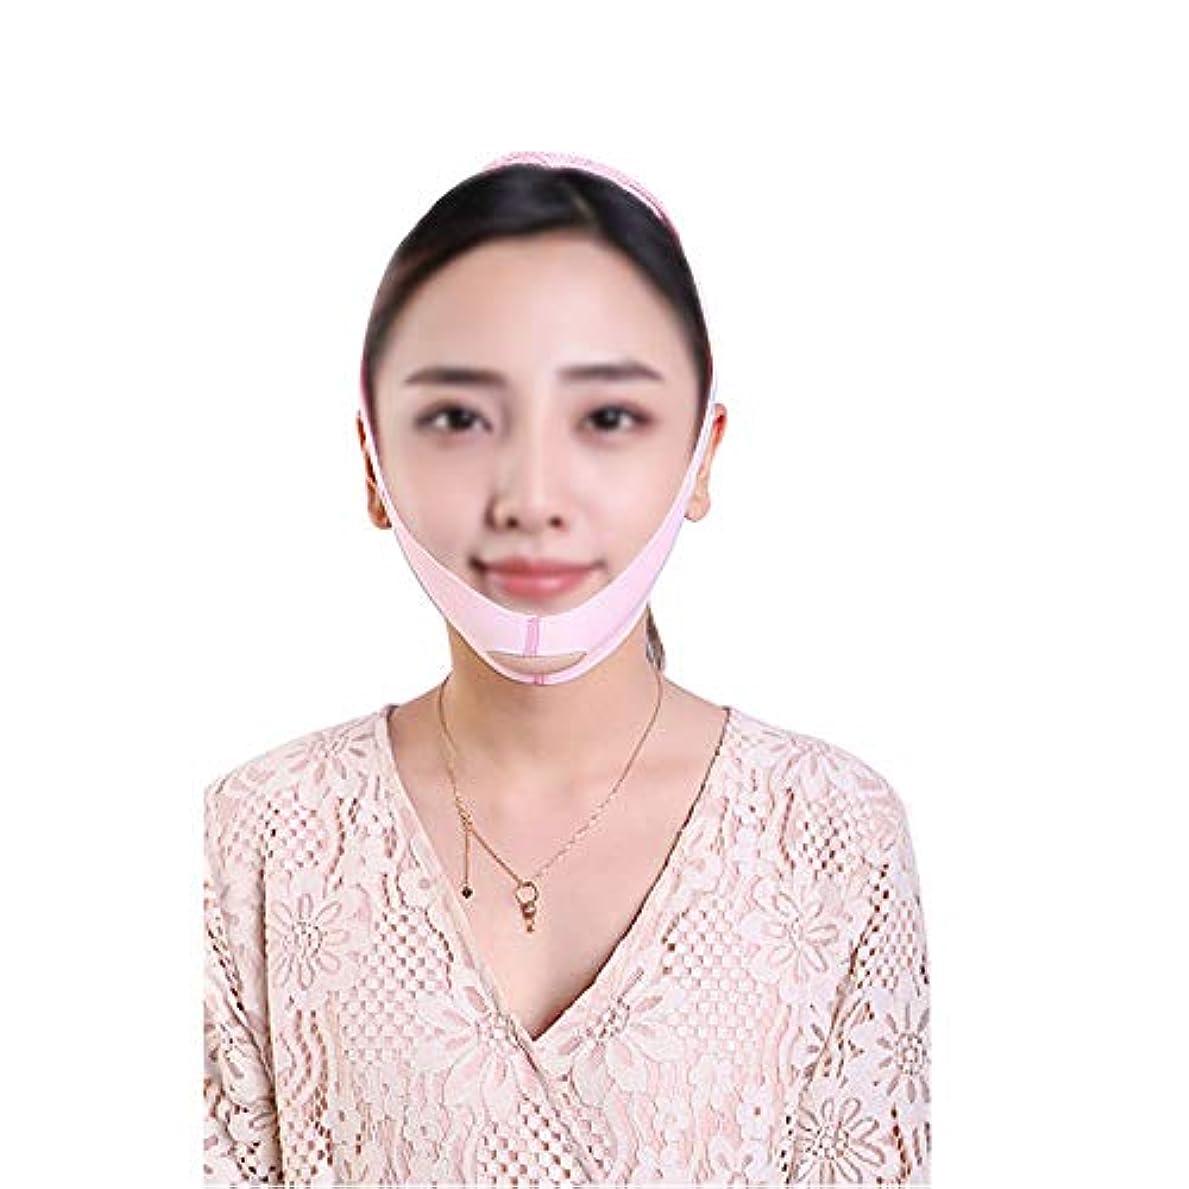 器官エリート前売GLJJQMY 薄いフェイスマスク引き締めアンチフロントドルーピングアーティファクト小さなVフェイス包帯マスク 顔用整形マスク